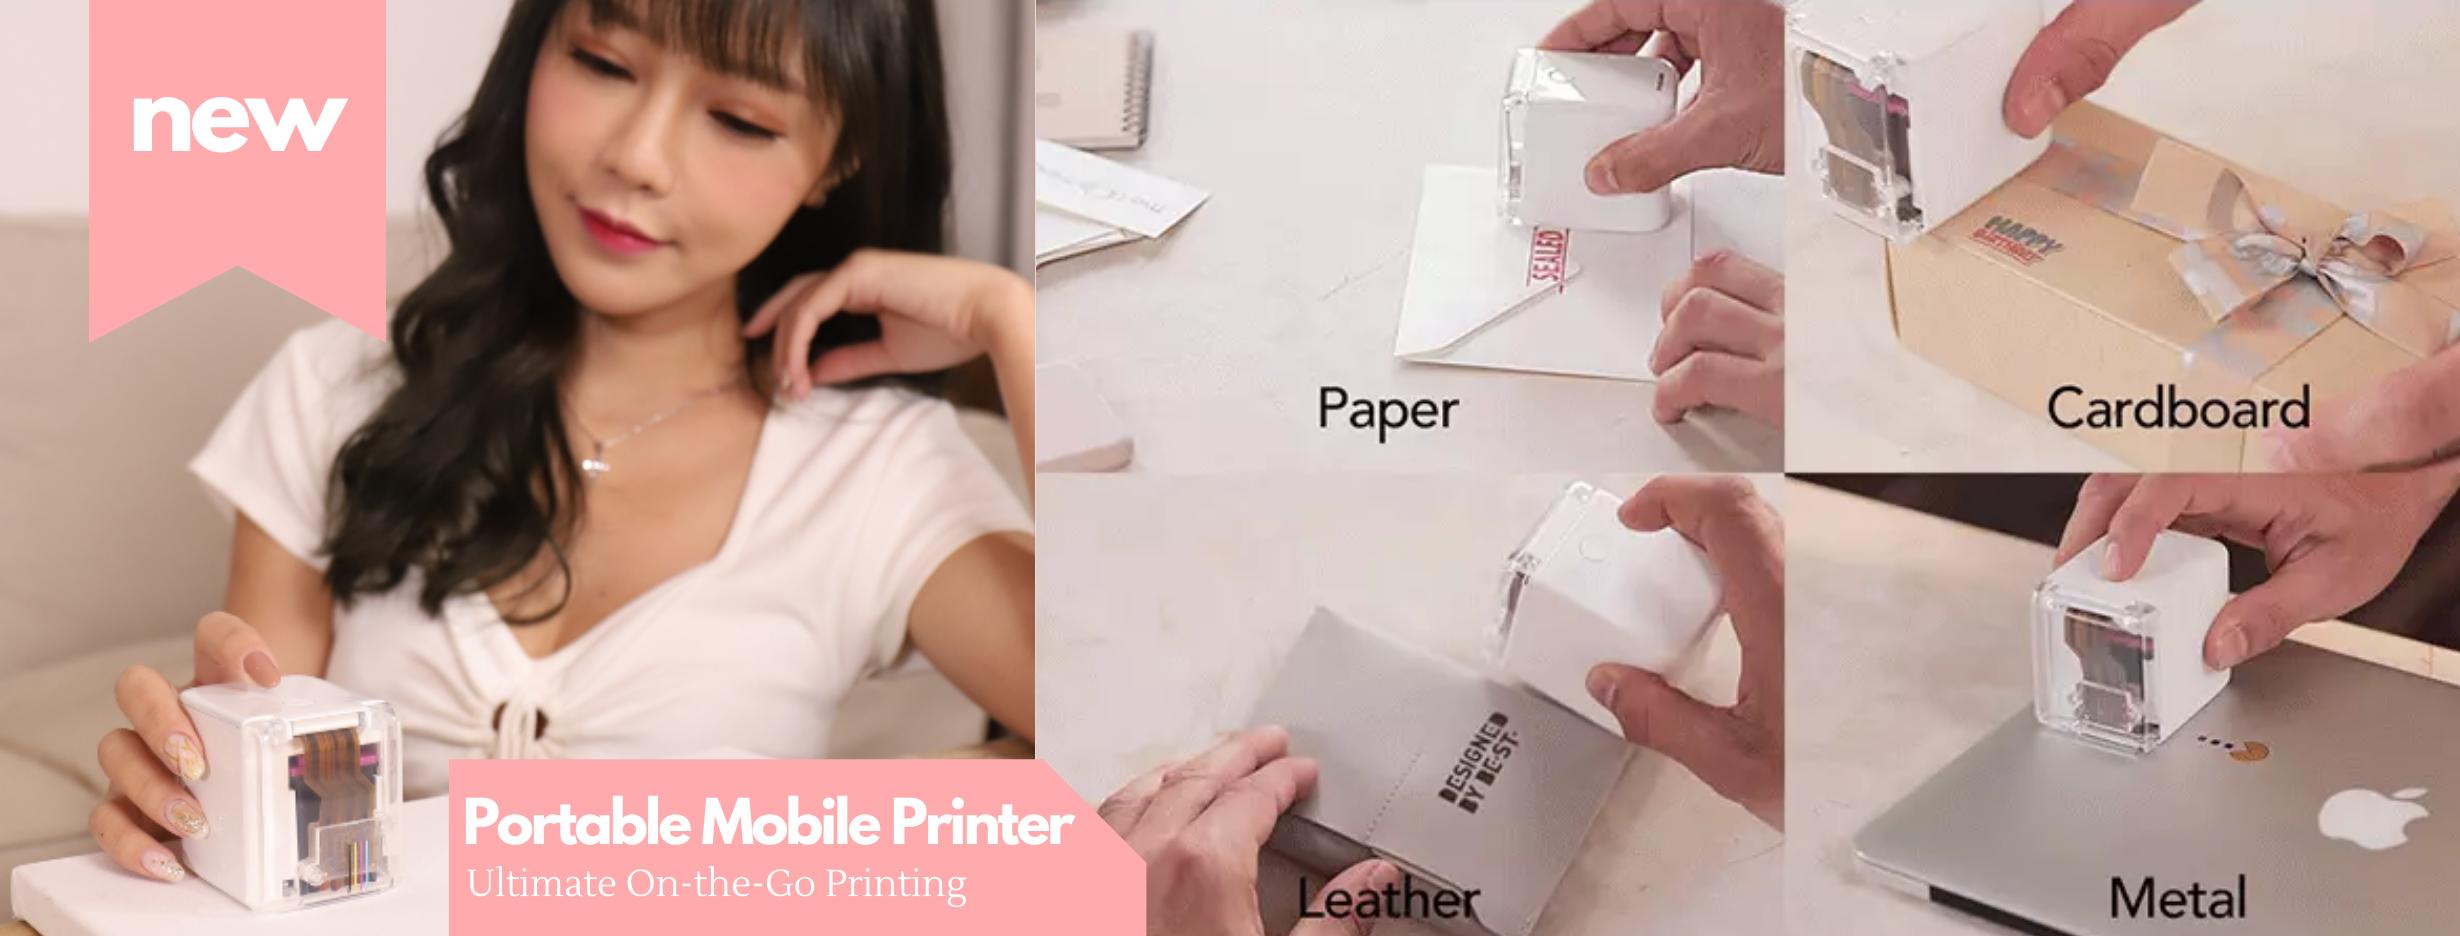 Shop portable printer